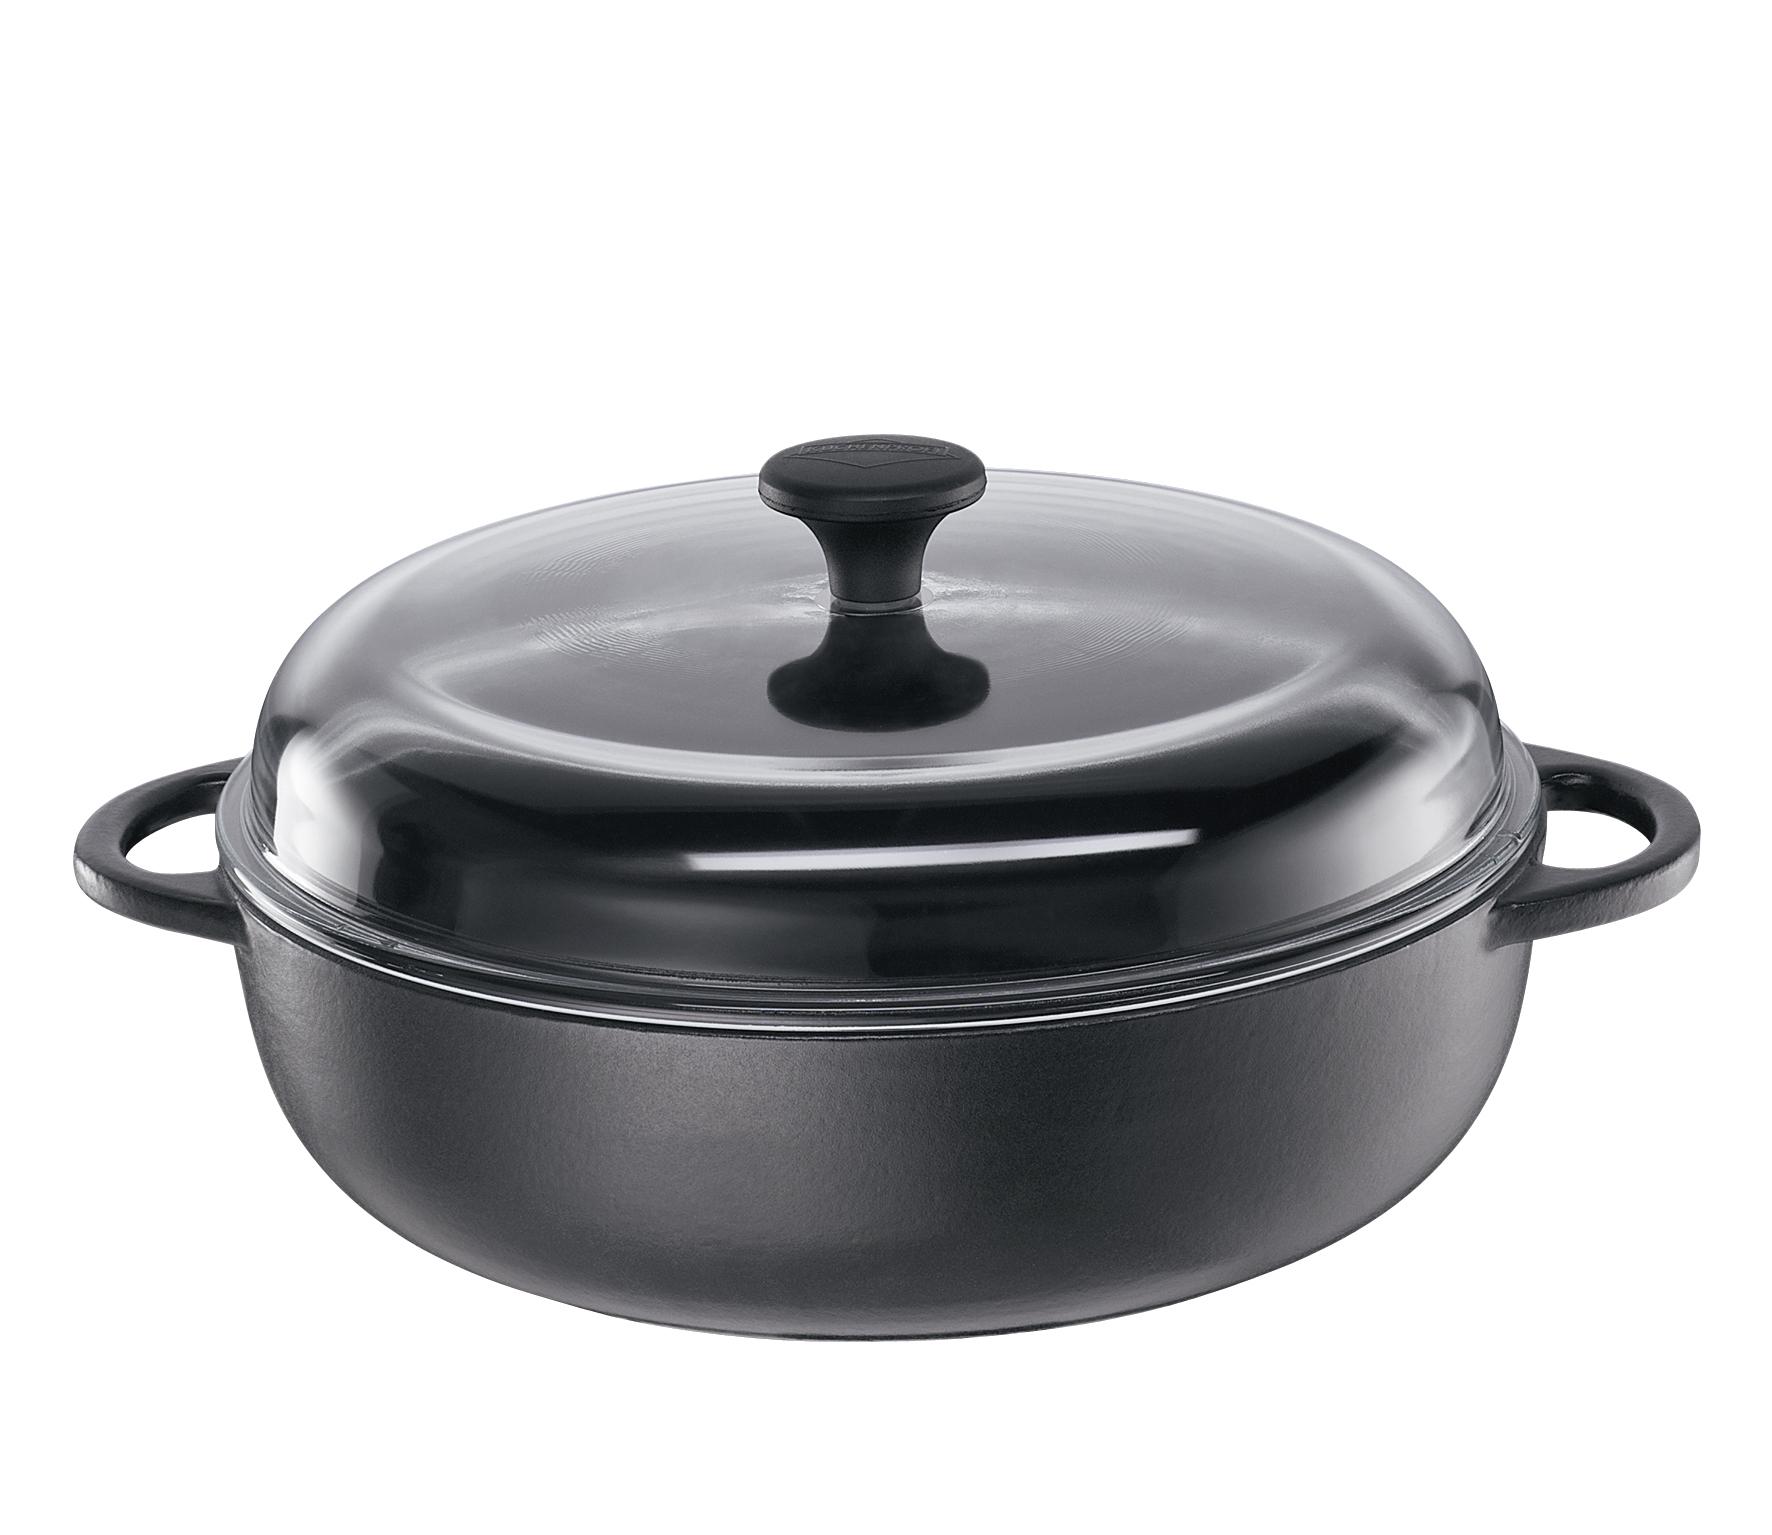 Küchenprofi Provence Farmářská pánev 24 cm černá